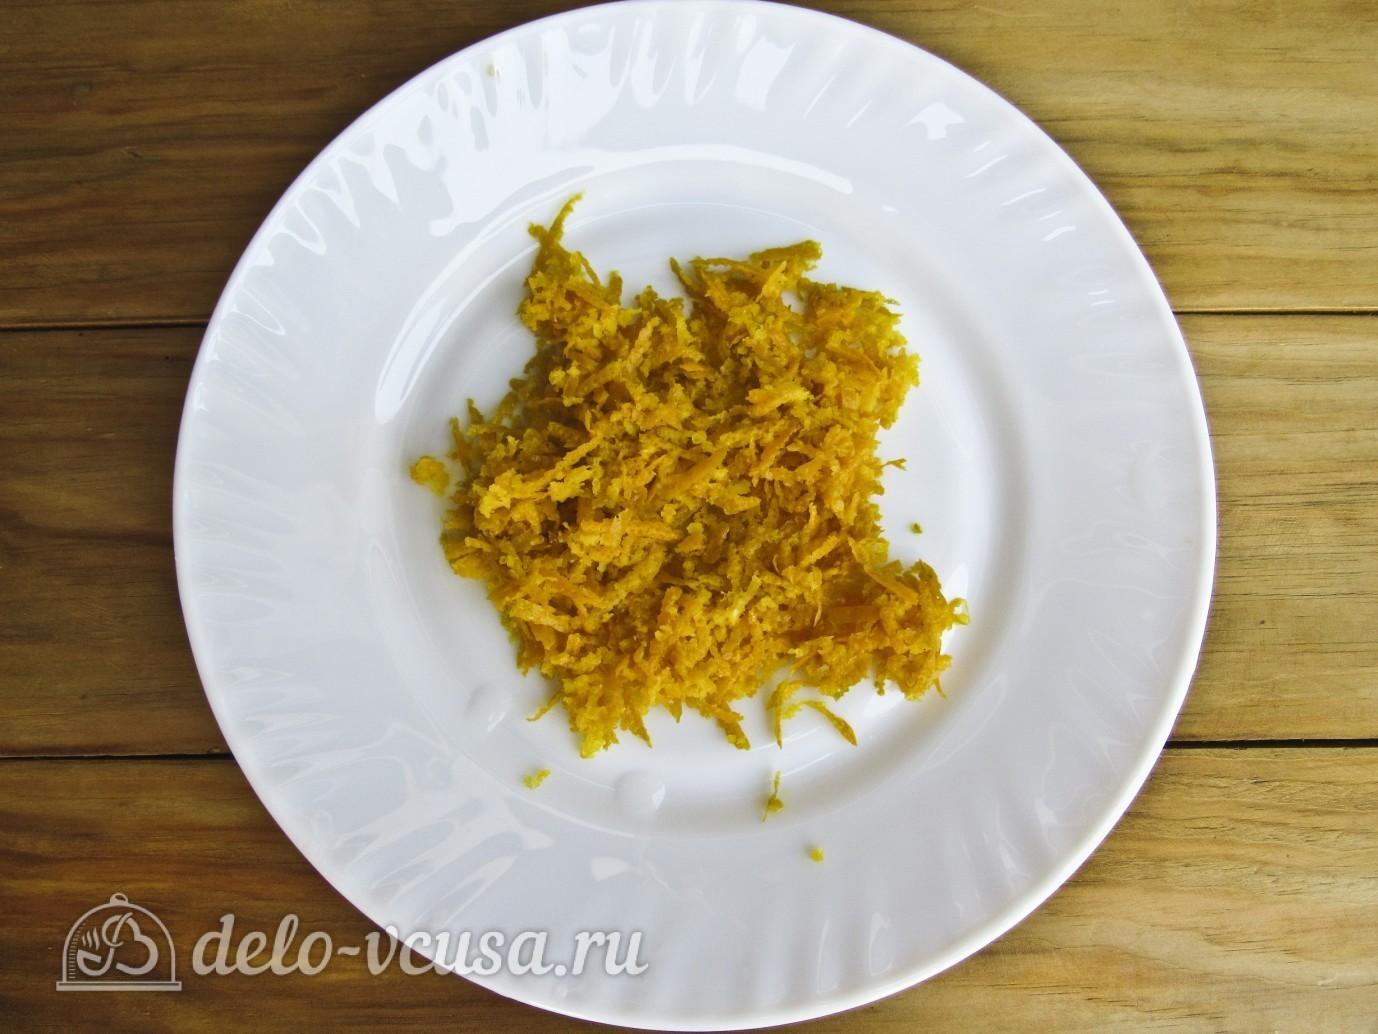 Варенье из сливы с апельсином: Снимаем цедру с апельсина